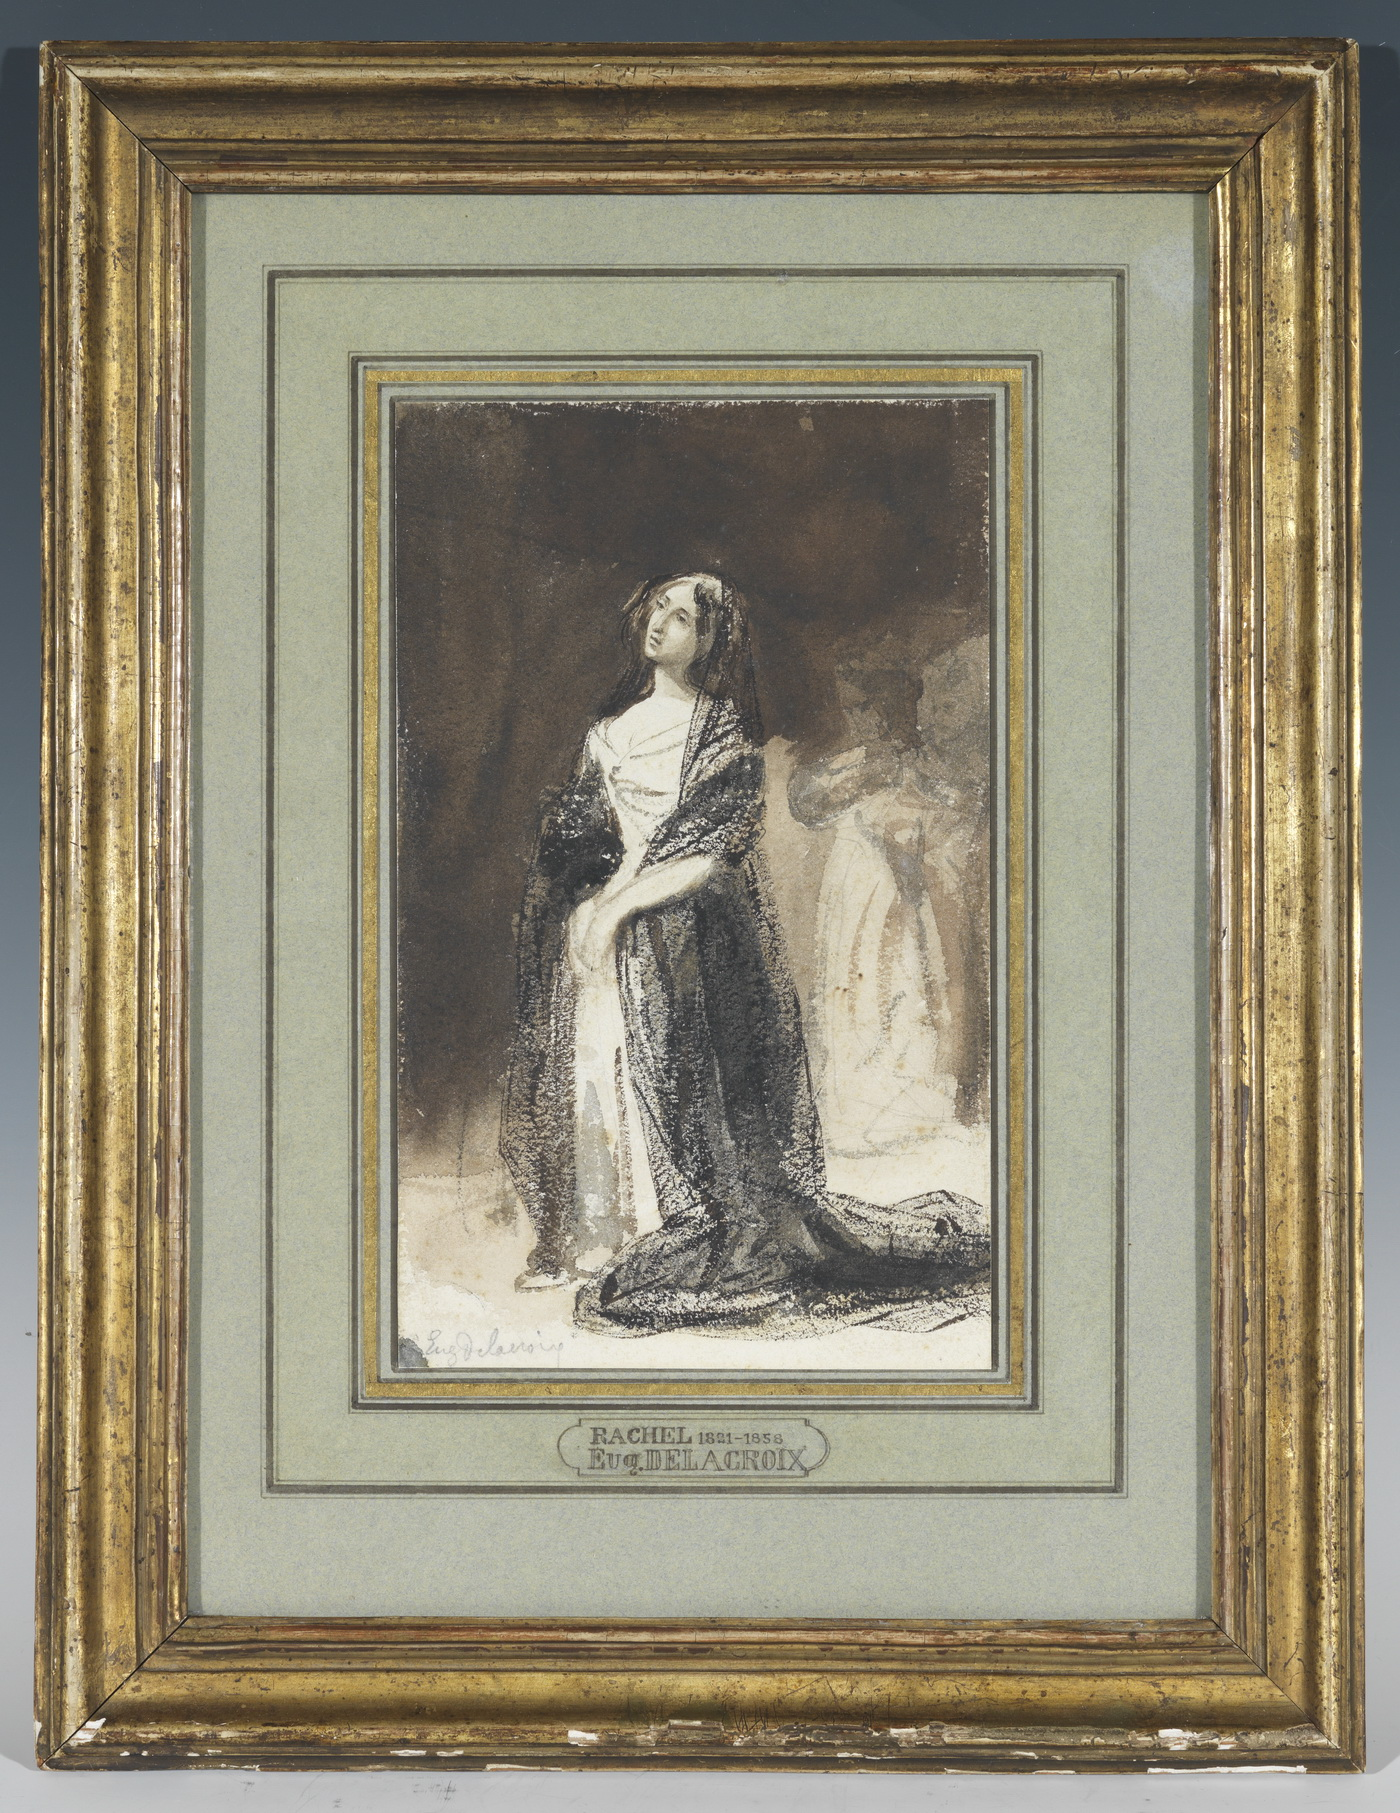 Rachel par Eugène Delacroix - Patrimoine Charles-André COLONNA WALEWSKI, en ligne directe de Napoléon